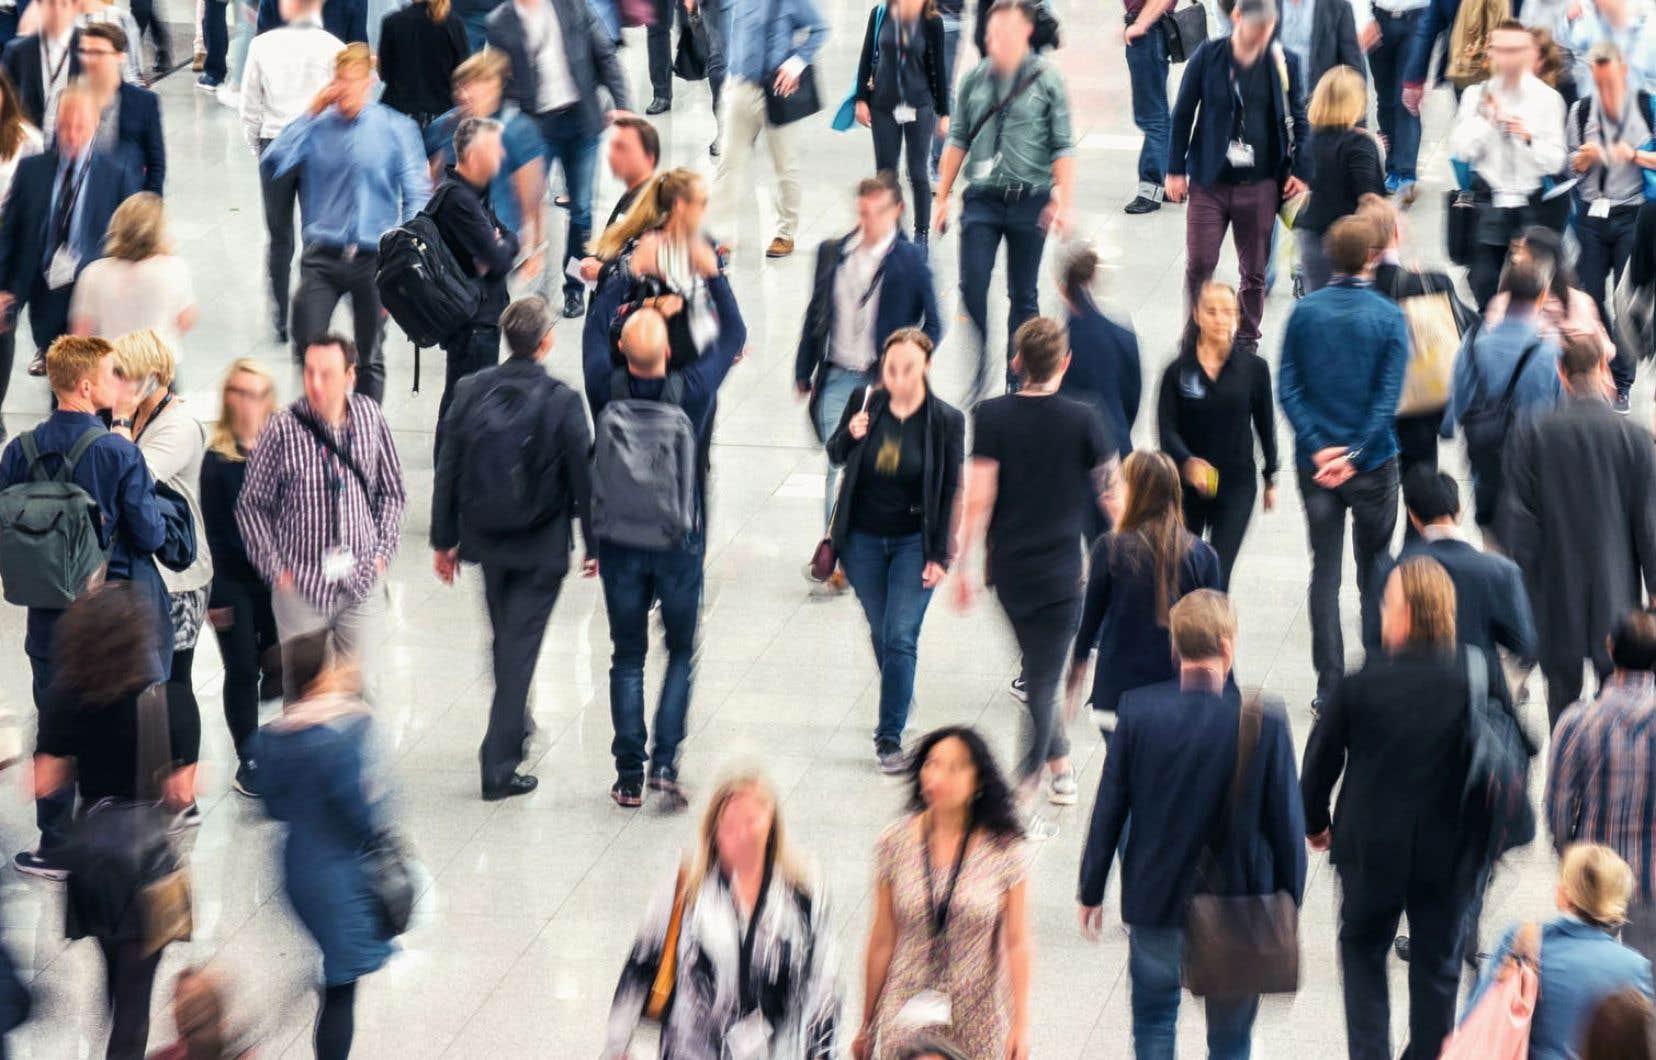 En avril, l'OCDE évoquait un appauvrissement relatif de la classe moyenne avec la stagnation de ses revenus et l'augmentation du prix des maisons, des coûts d'éducation et de santé et de nombreux autres biens et services.